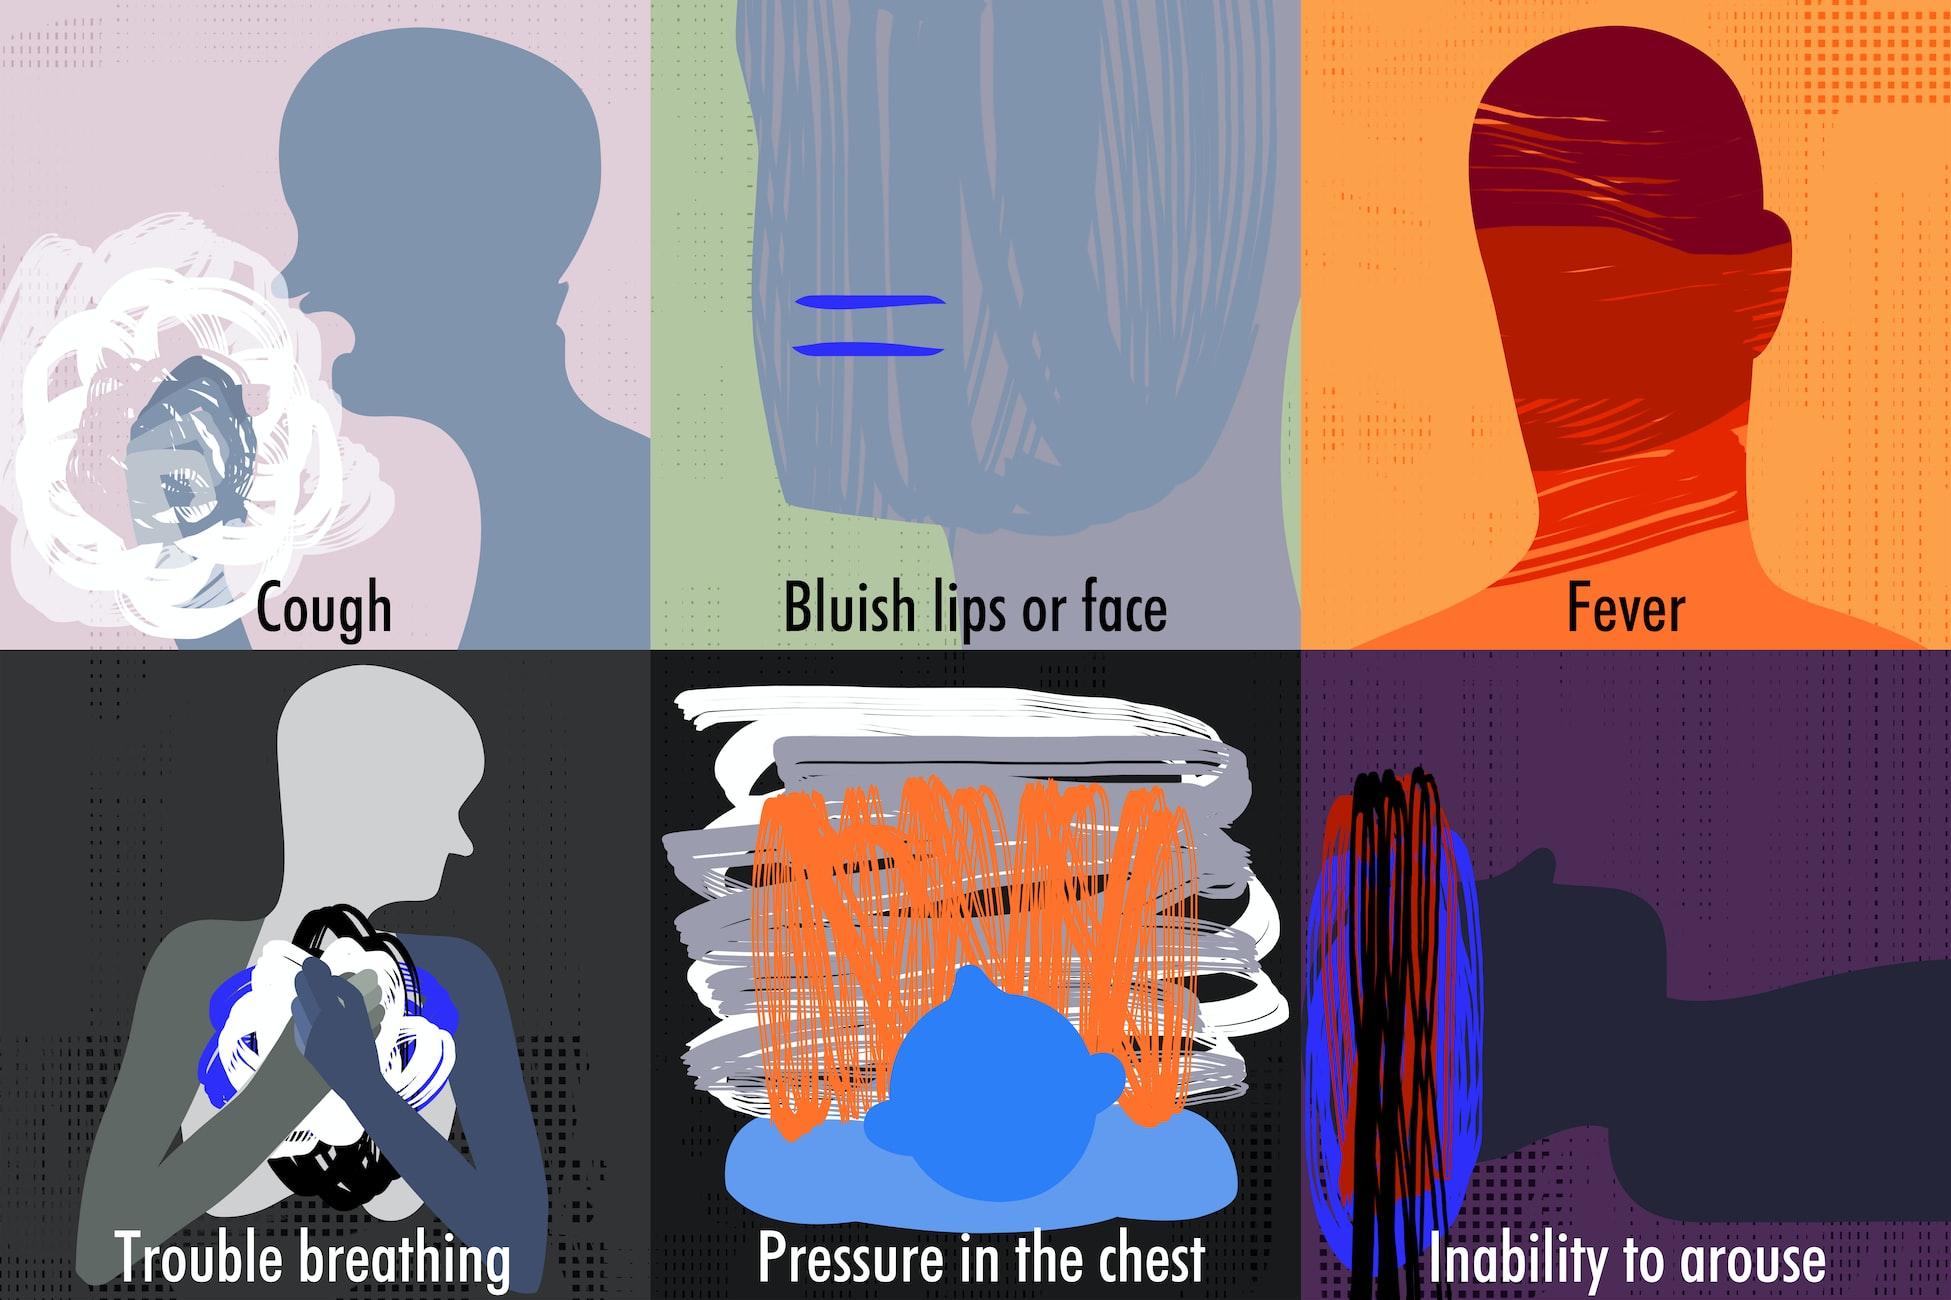 Know the symptoms. Ilustración de Lu Cheung